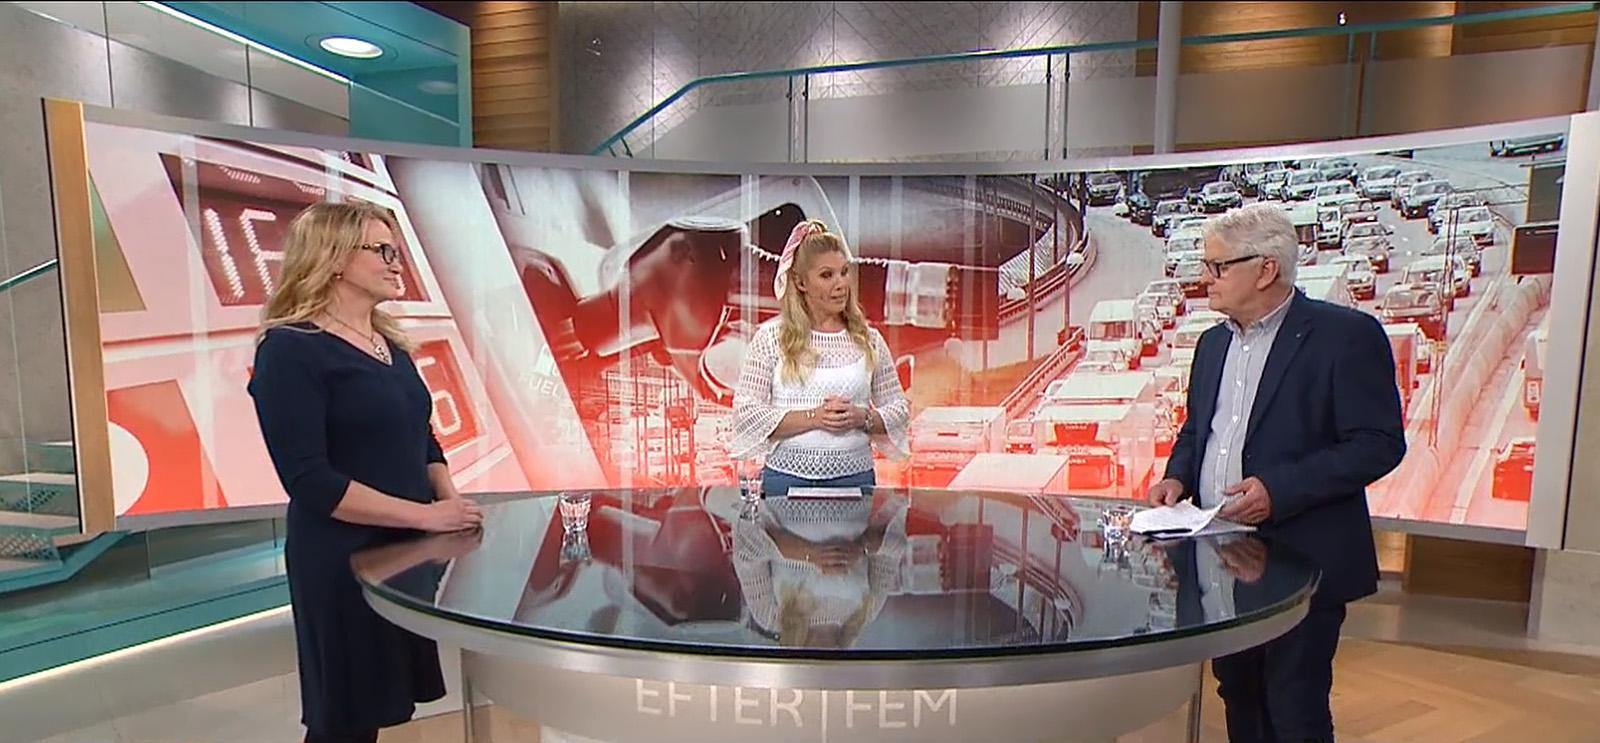 NCS_TV4-Efter-Fem_002